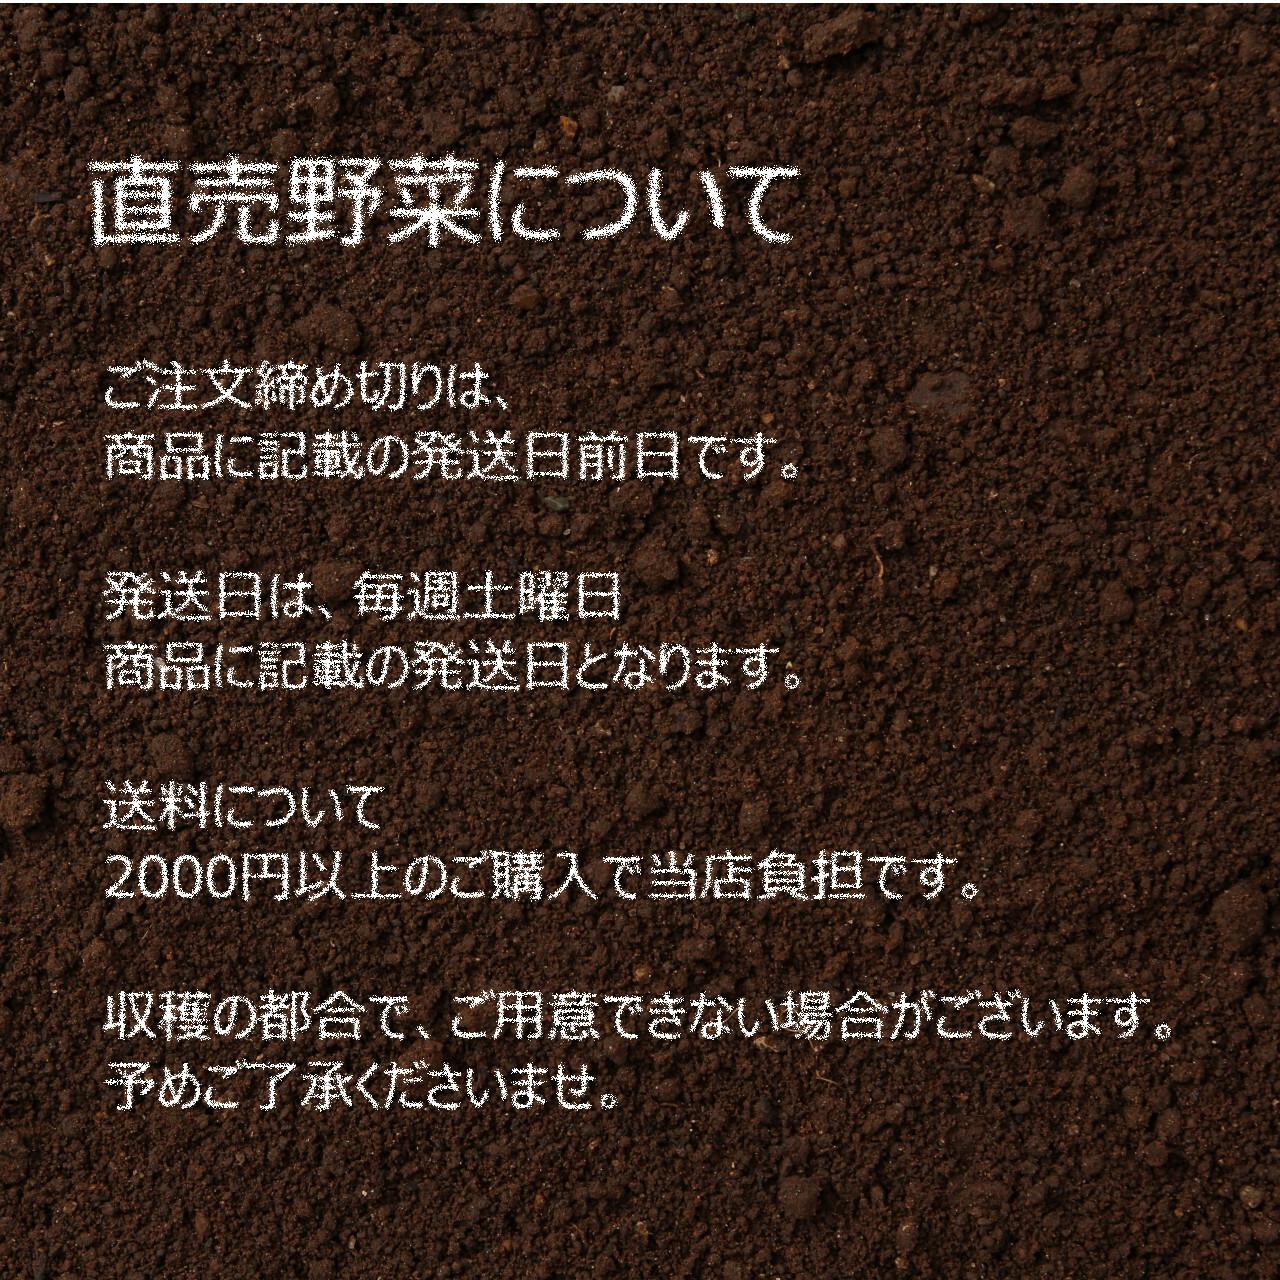 9月の朝採り直売野菜 : インゲン 約150g 新鮮な秋野菜  9月26日発送予定